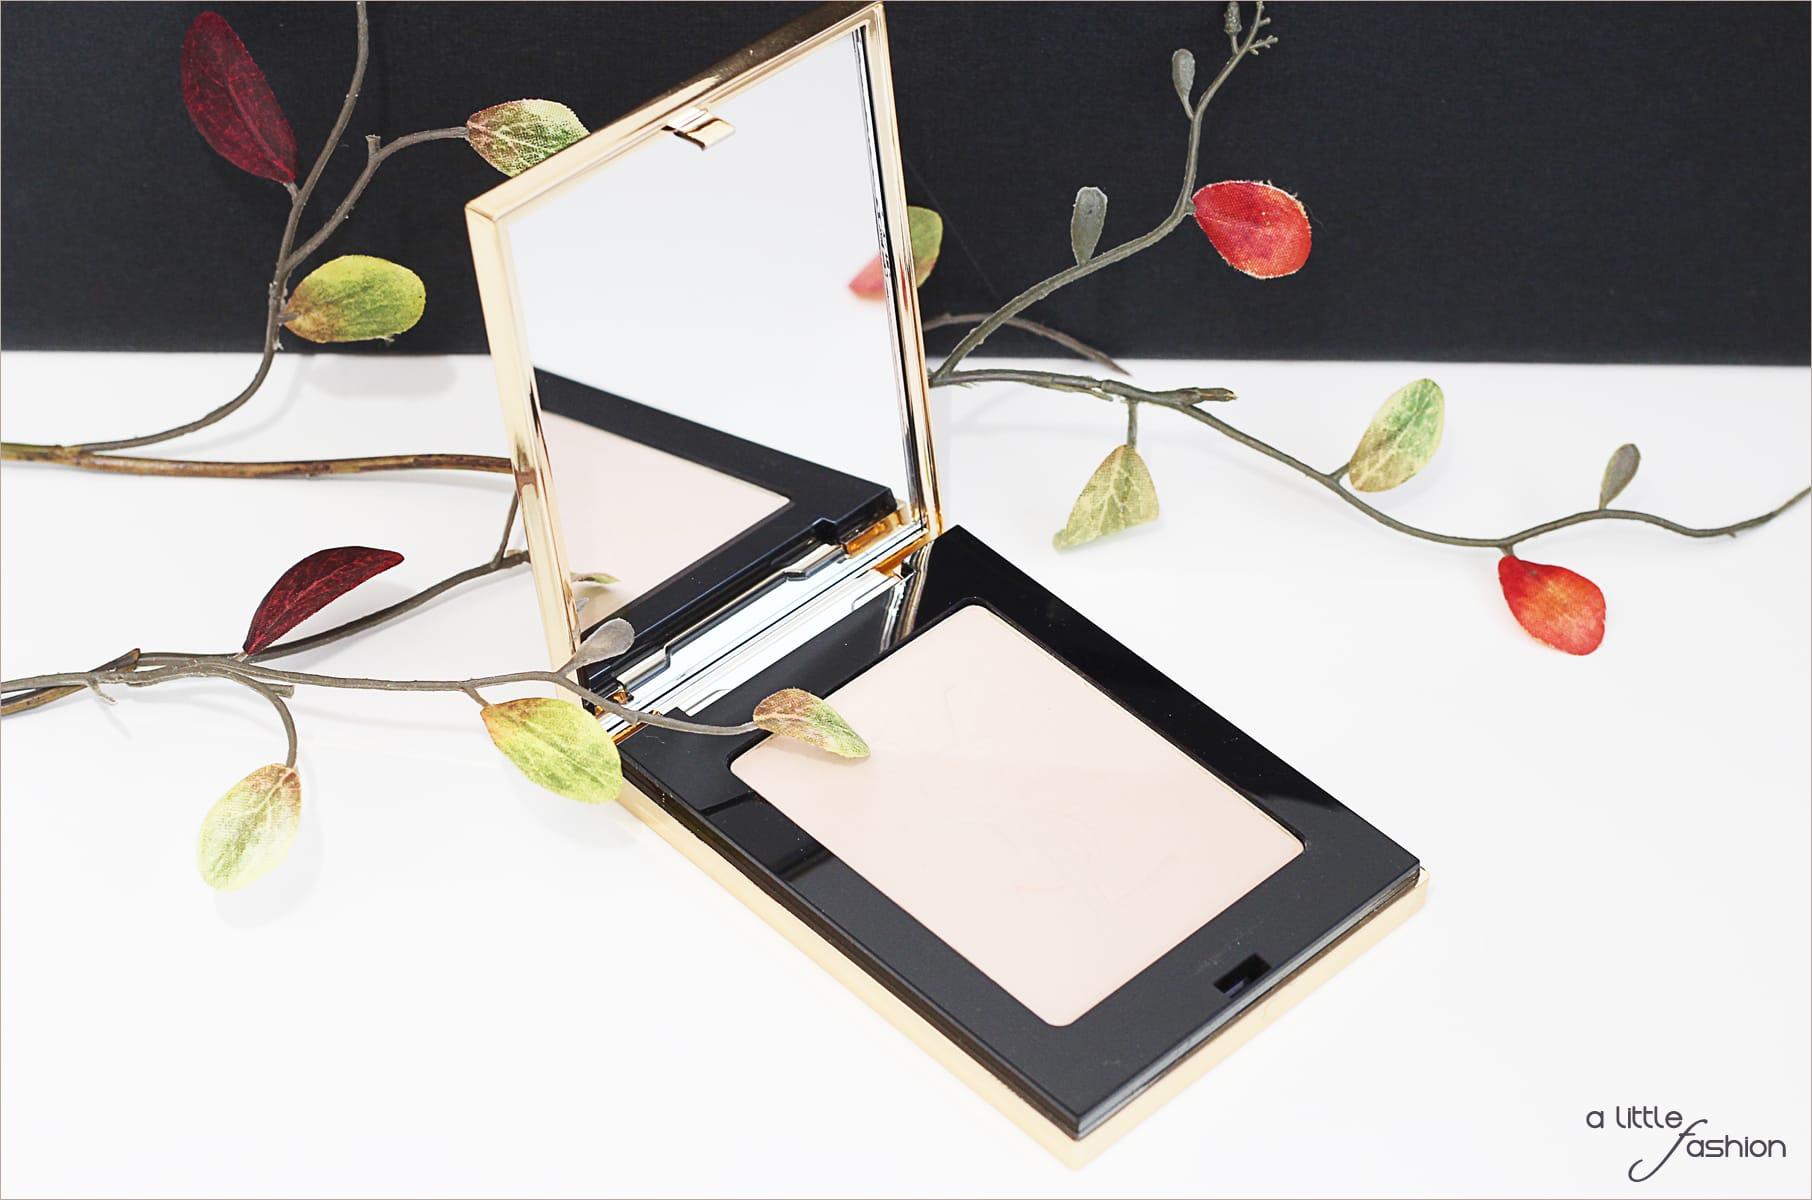 lifestyle_praktische-helfer-handtasche_unterwegs_beauty_smartphone8-min